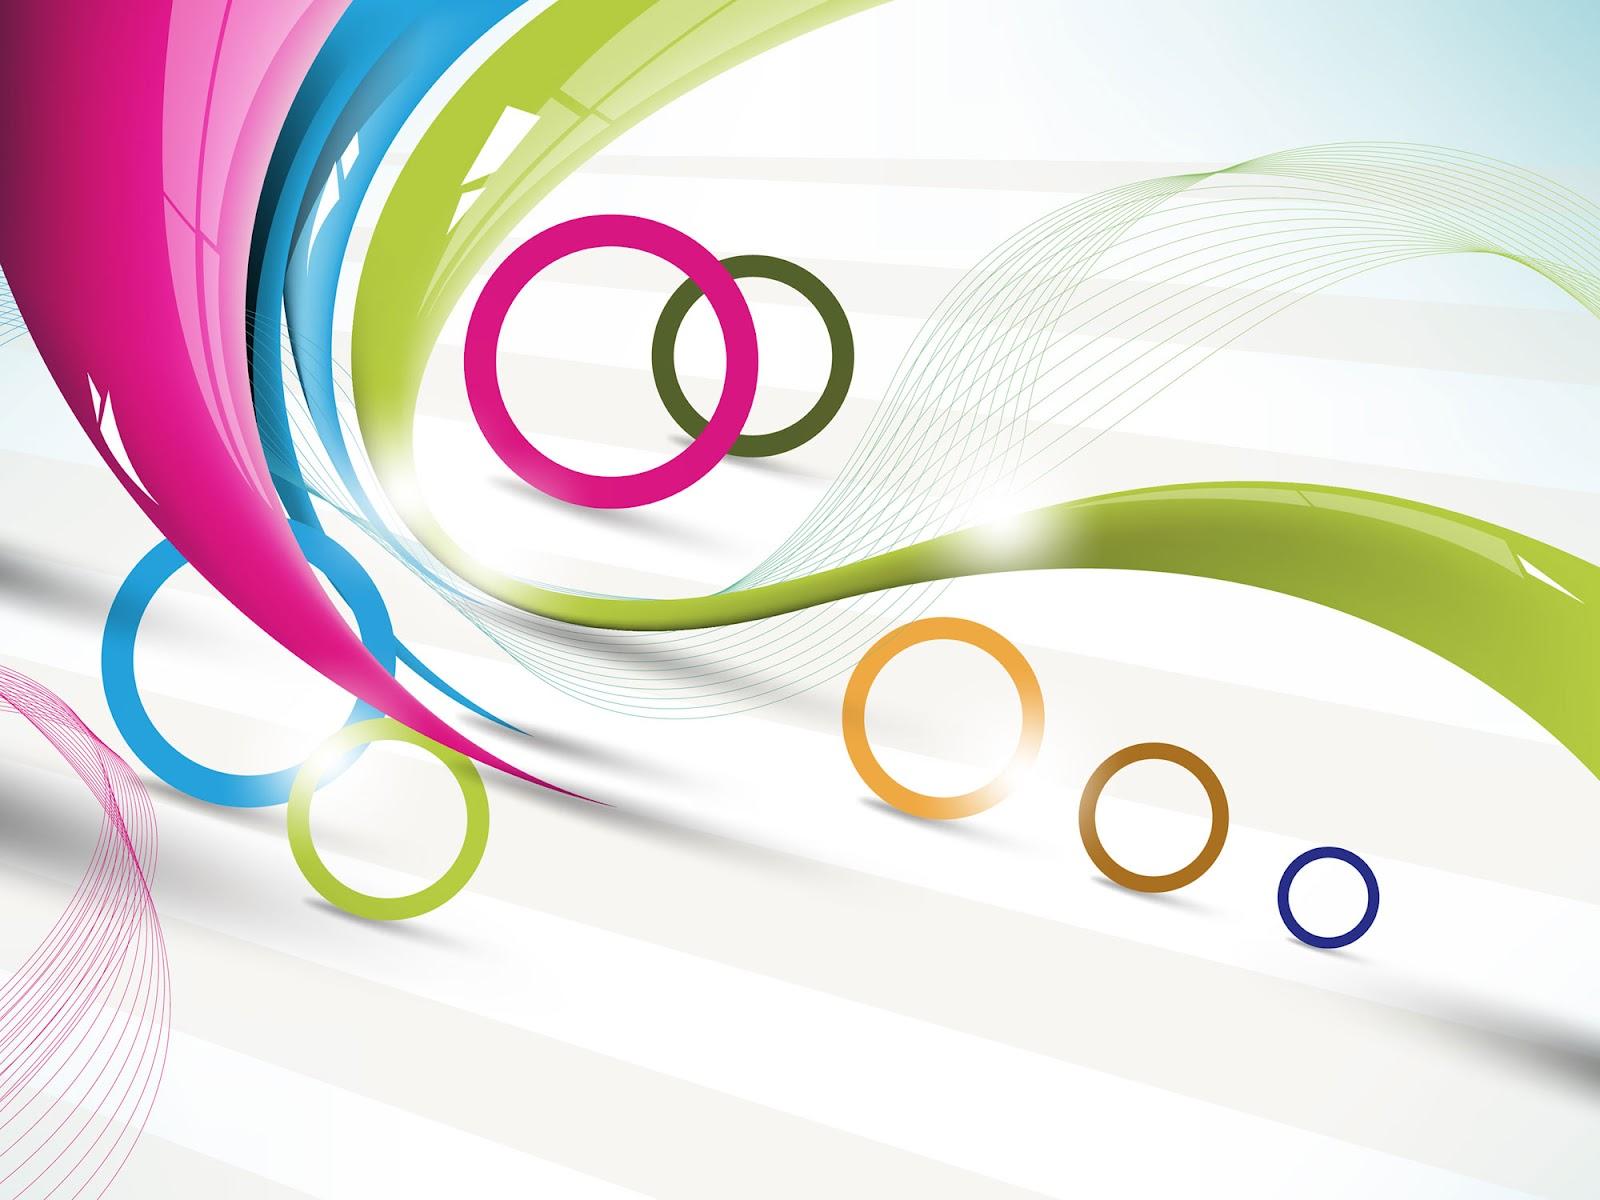 download design vector wallpaper - photo #19